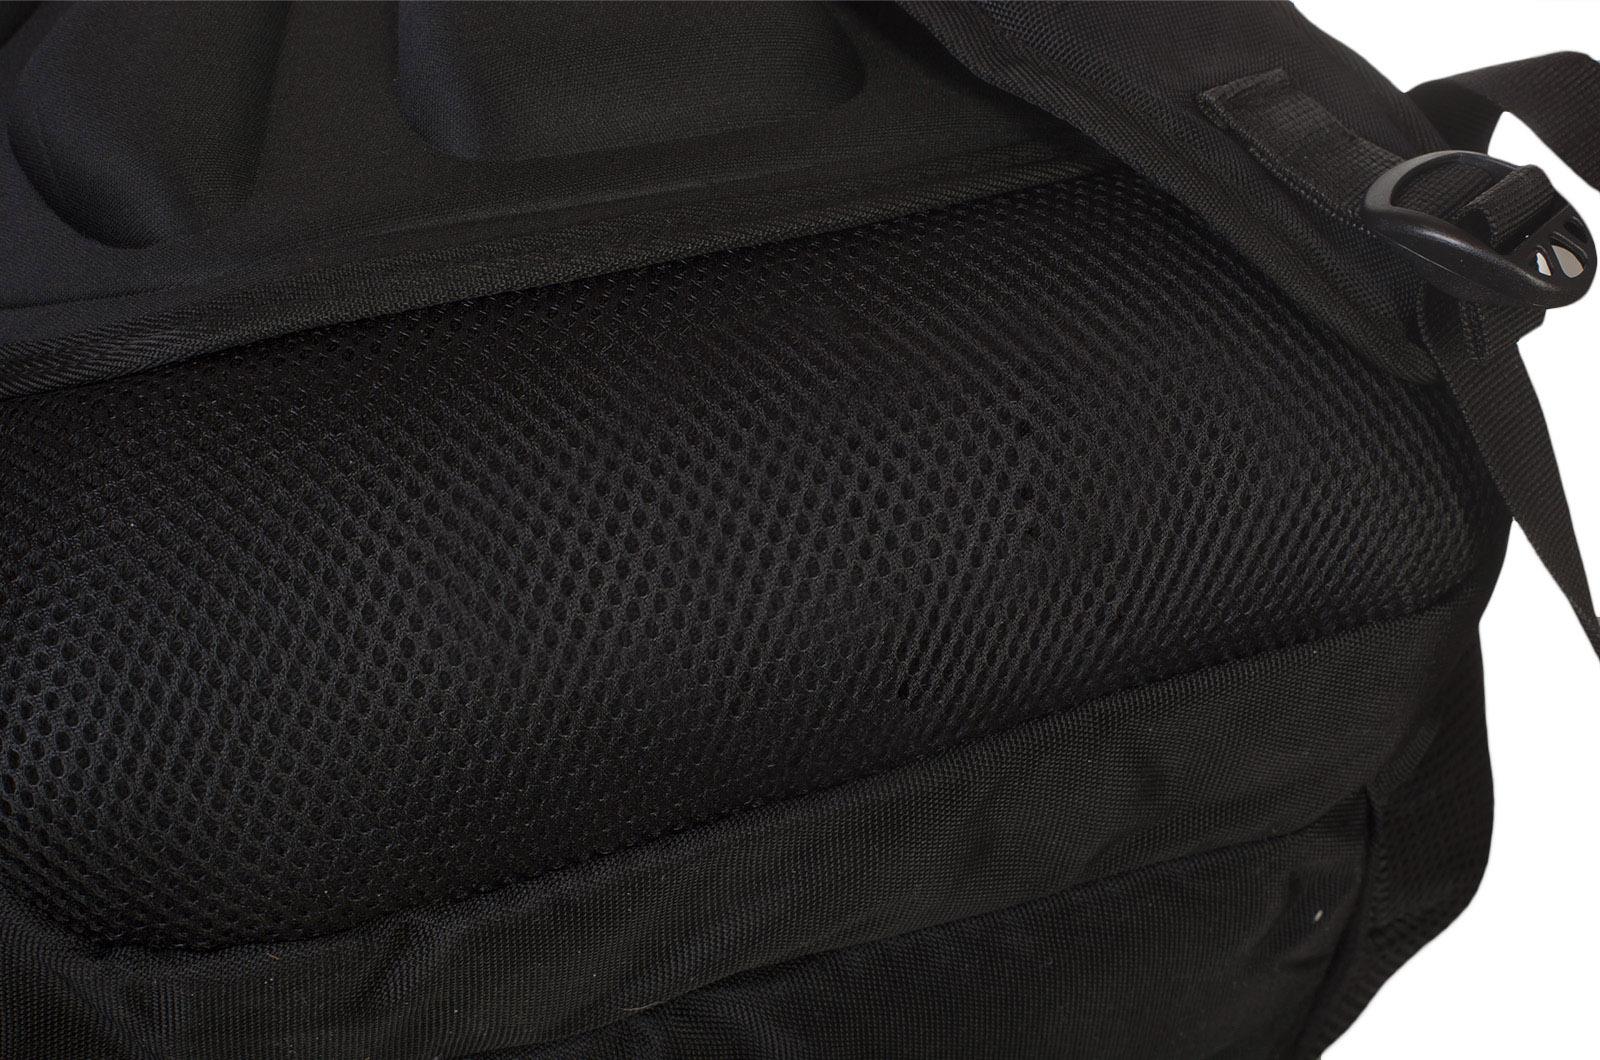 Многоцелевой крутой рюкзак с нашивкой Светоч - купить в розницу